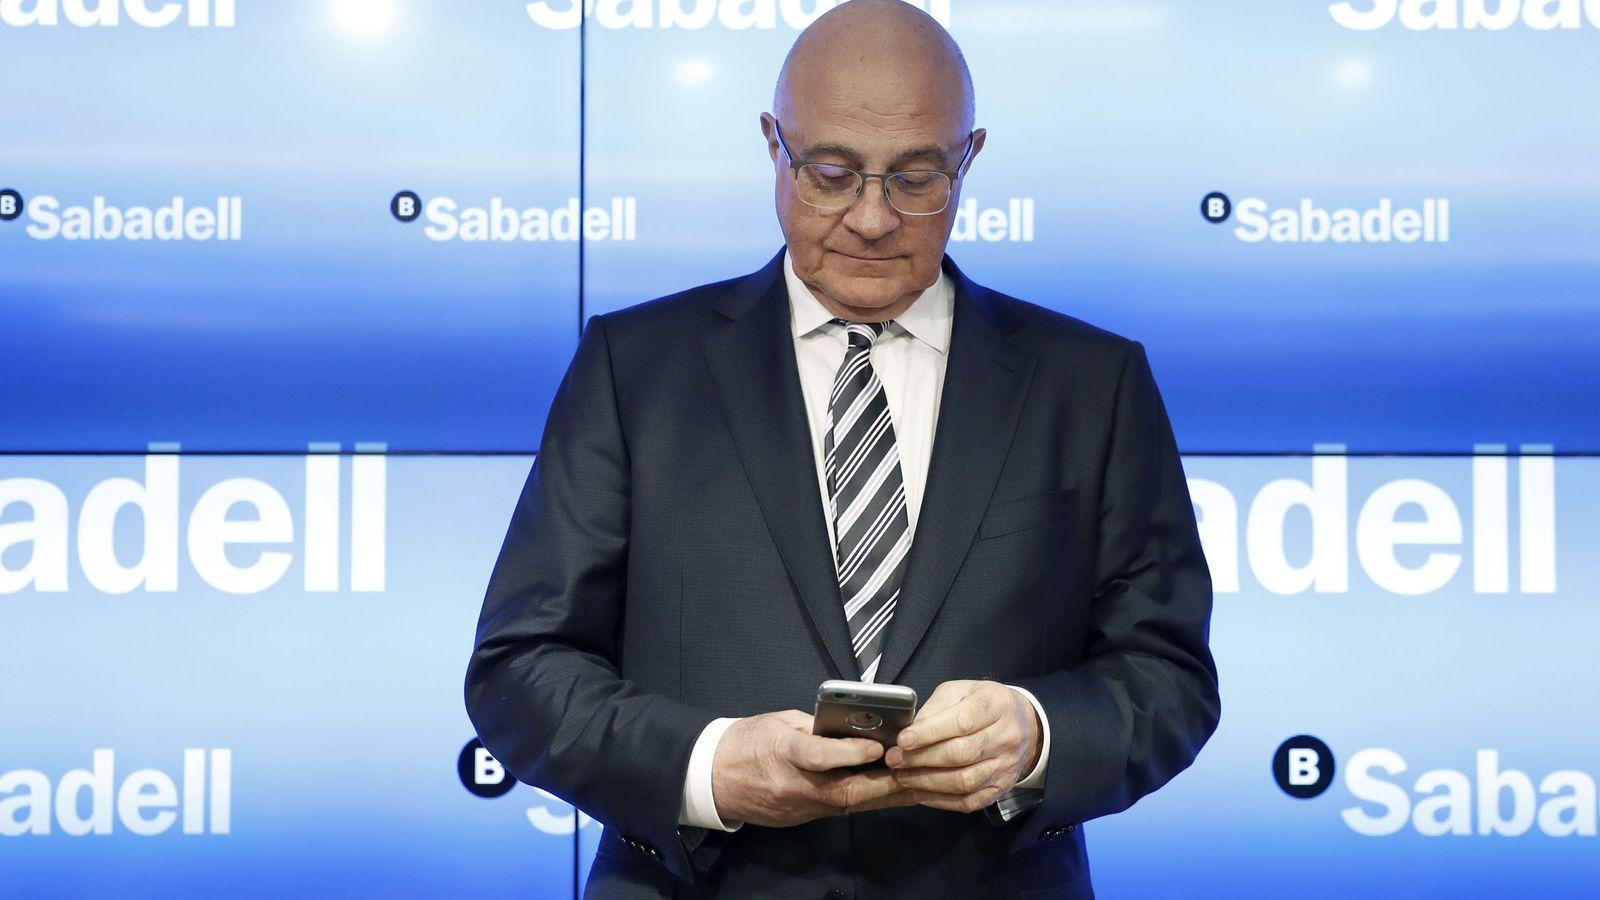 Foto: El presidente del Banco de Sabadell Josep Oliu. (EFE)